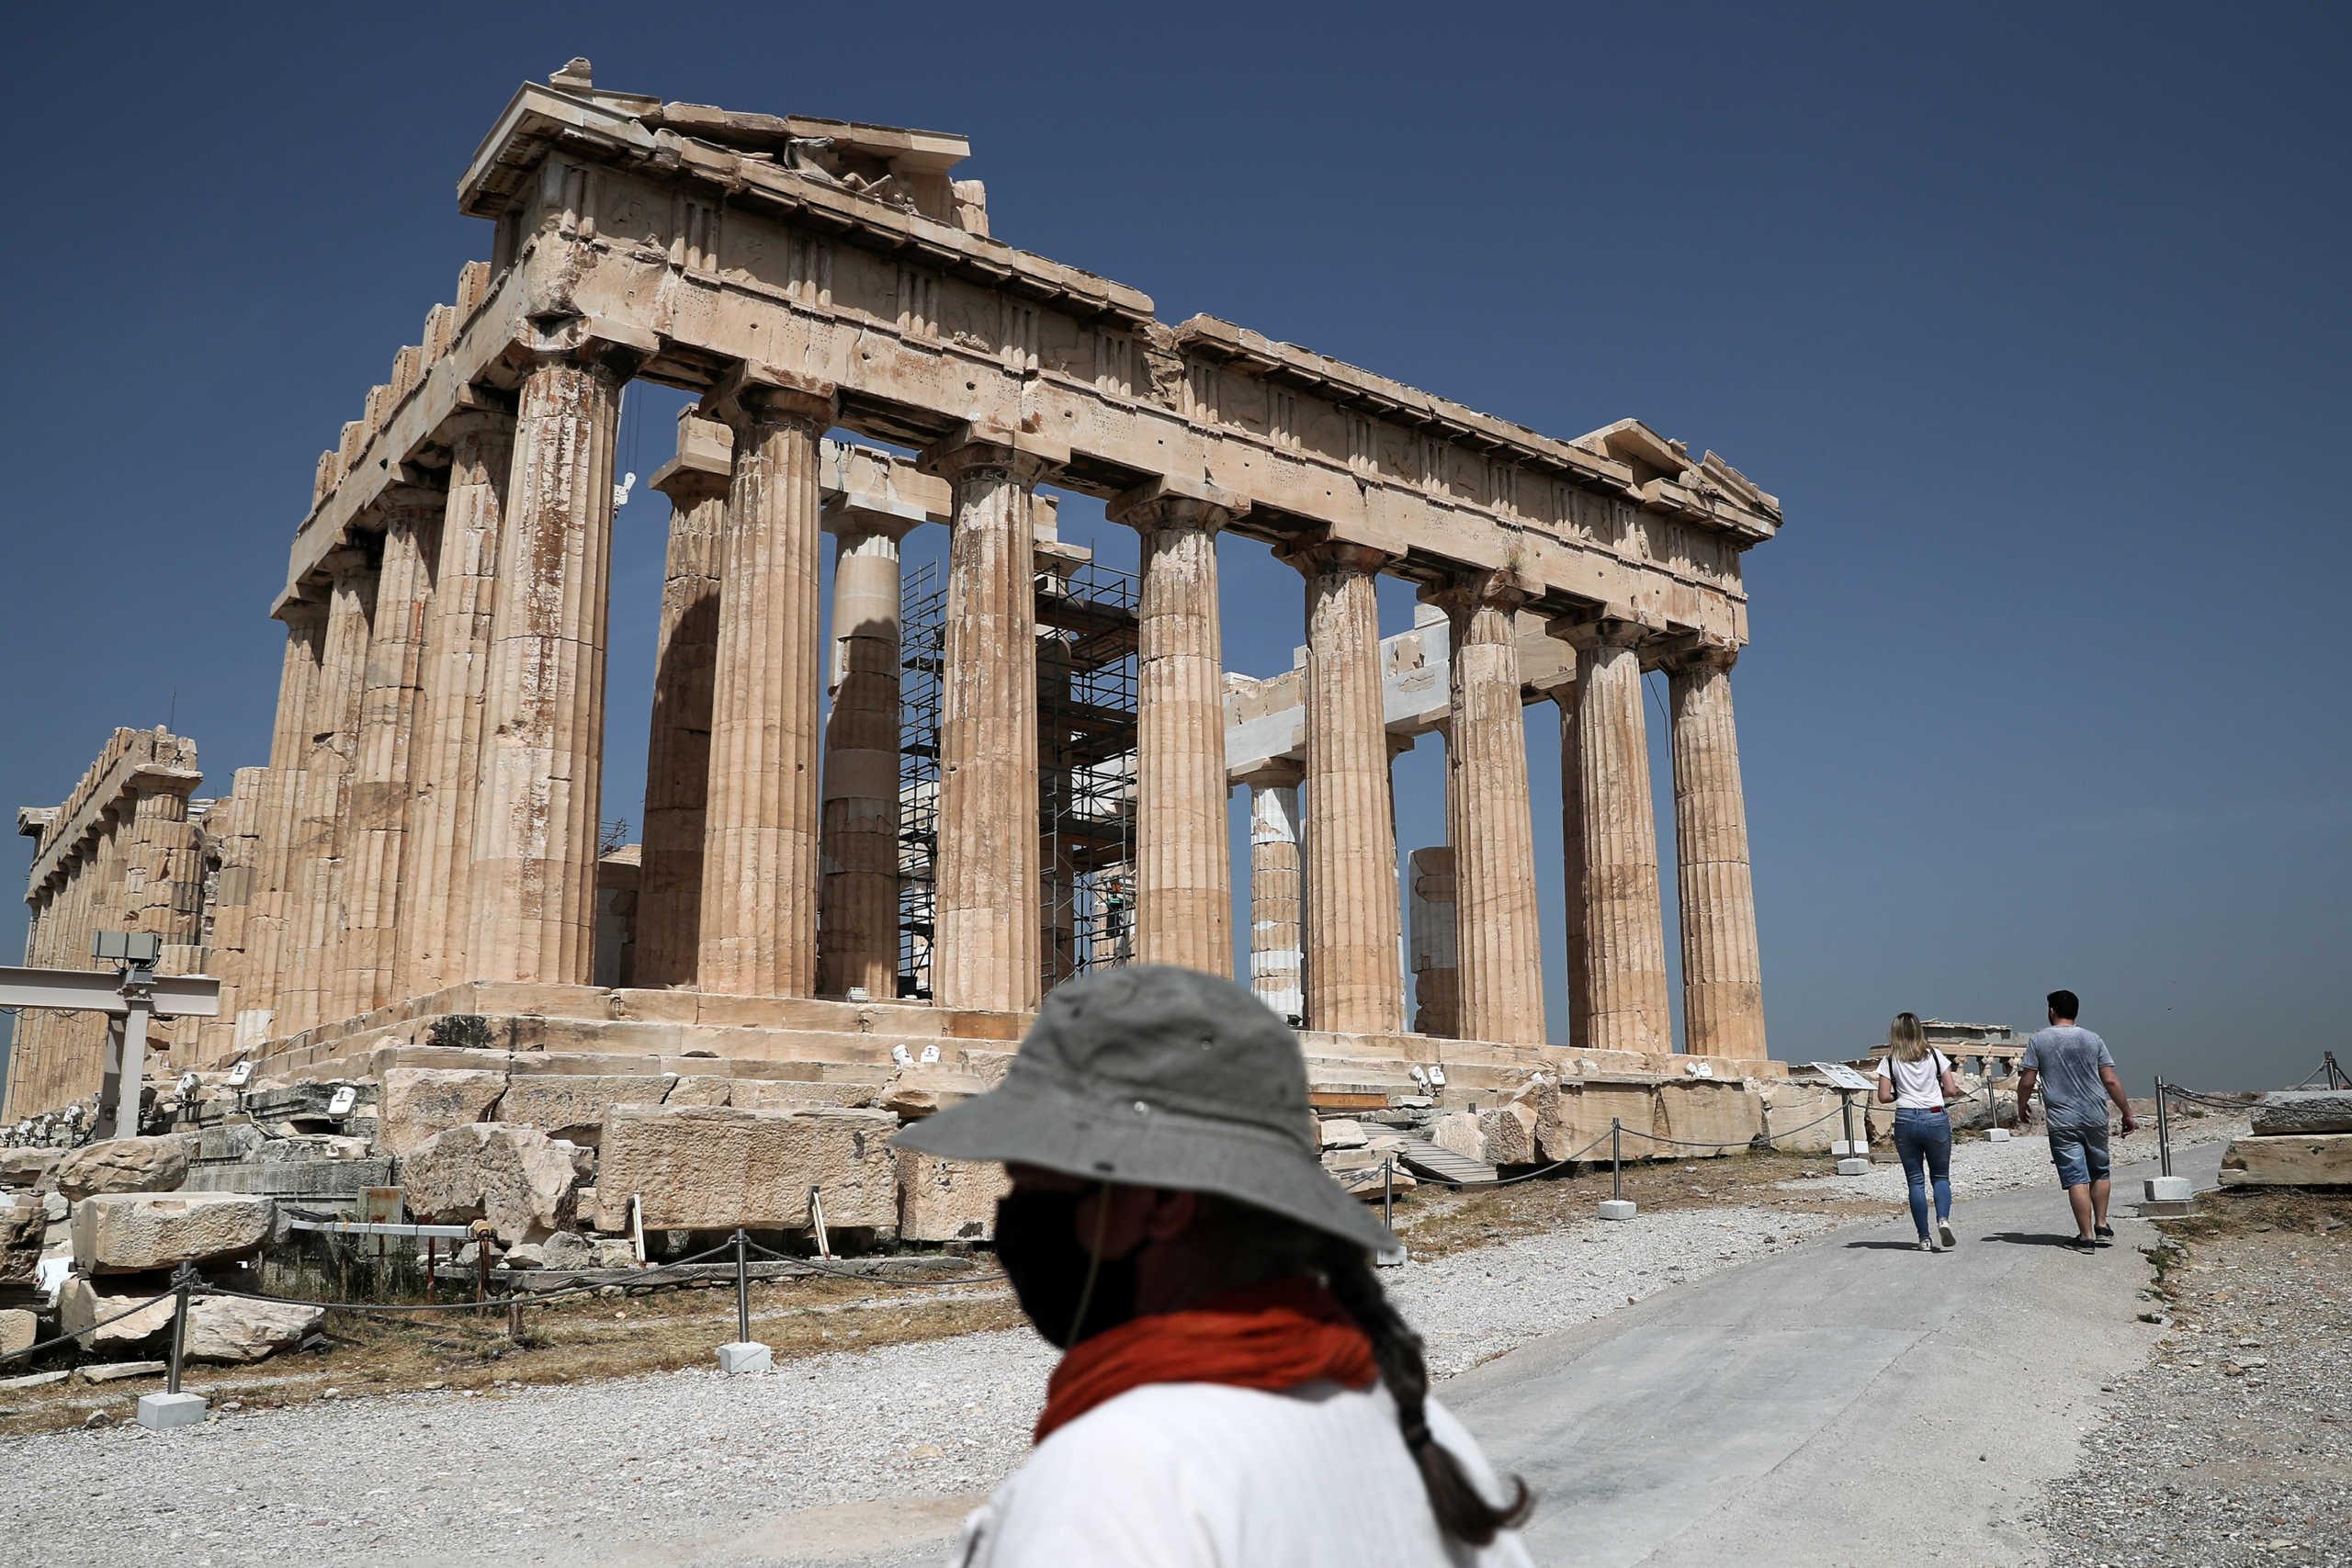 Μενδώνη κατά ΣΥΡΙΖΑ για ανελκυστήρα στην Ακρόπολη: Σταματήστε την πολιτική εκμετάλλευση του Ιερού Βράχου